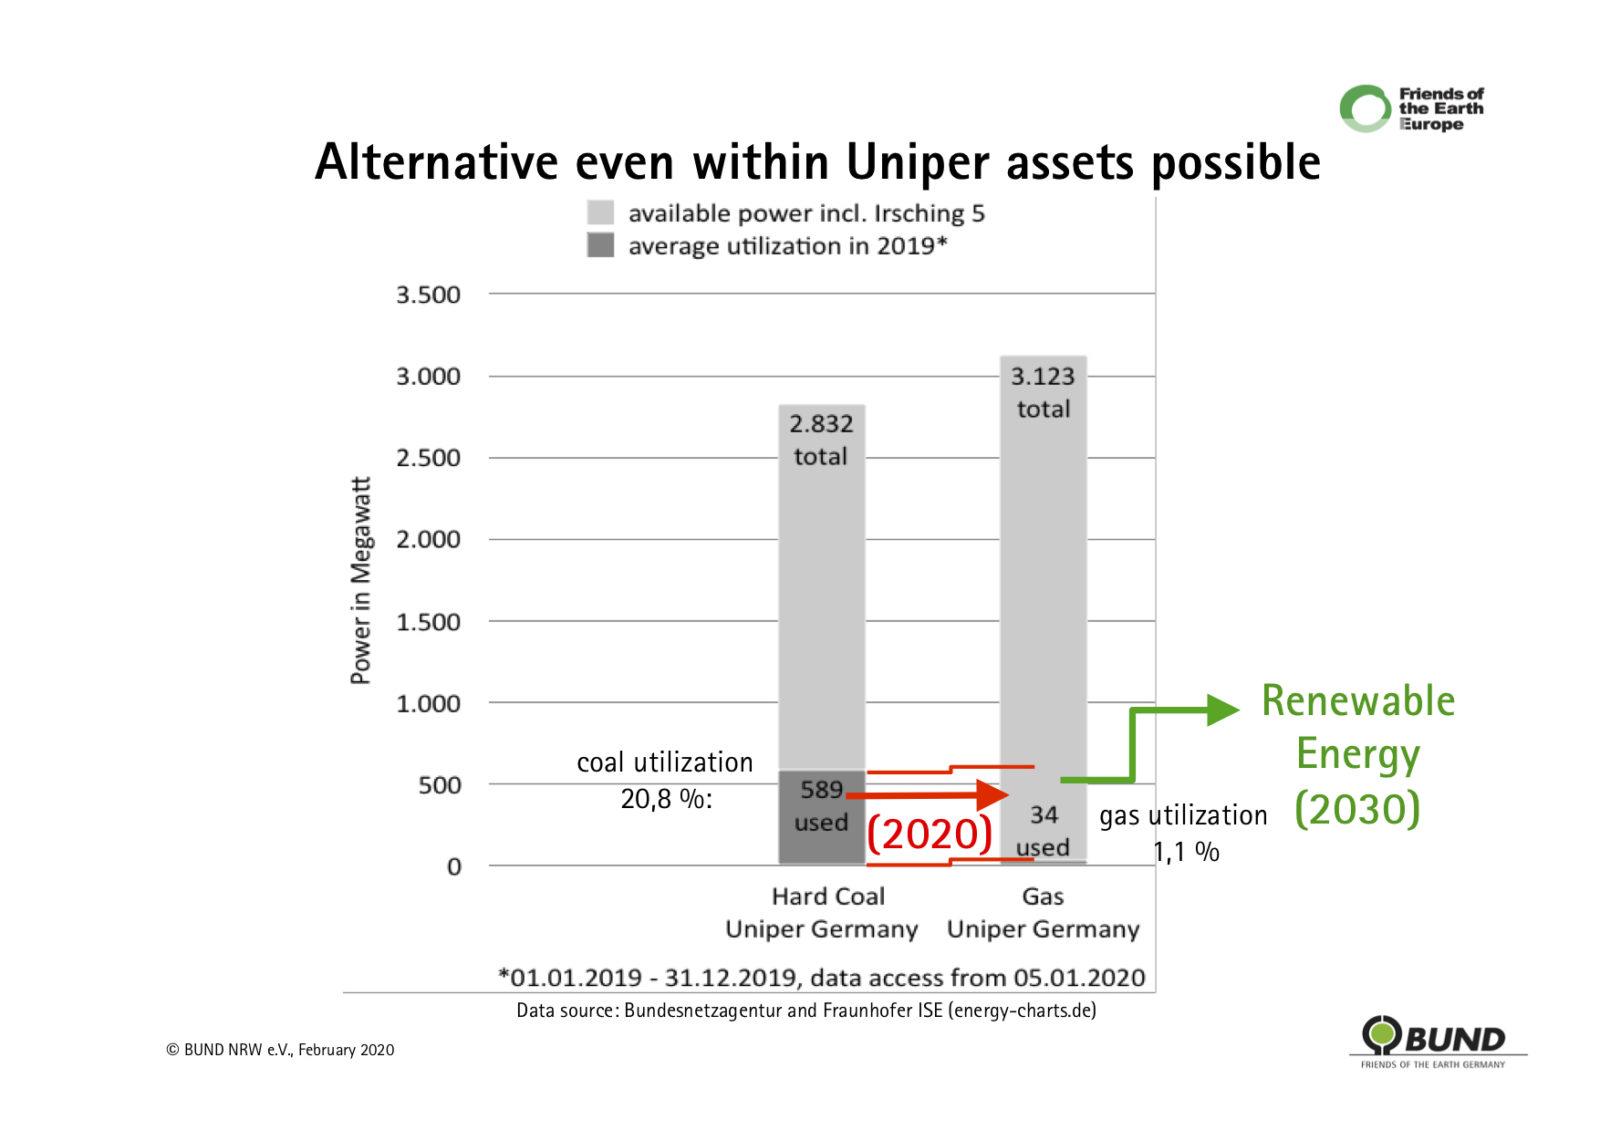 Kuvassa on grafiikka, jossa esitetään Uniperin kivihiilivoimaloiden kapasiteetti 2,832 megawattia, josta 2019 oli käytössä 20,8% sekä Uniperin kaasuvoimaloiden kapasiteetti 3,123 megawattia, josta 2019 käytössä oli vain 1,1,%.